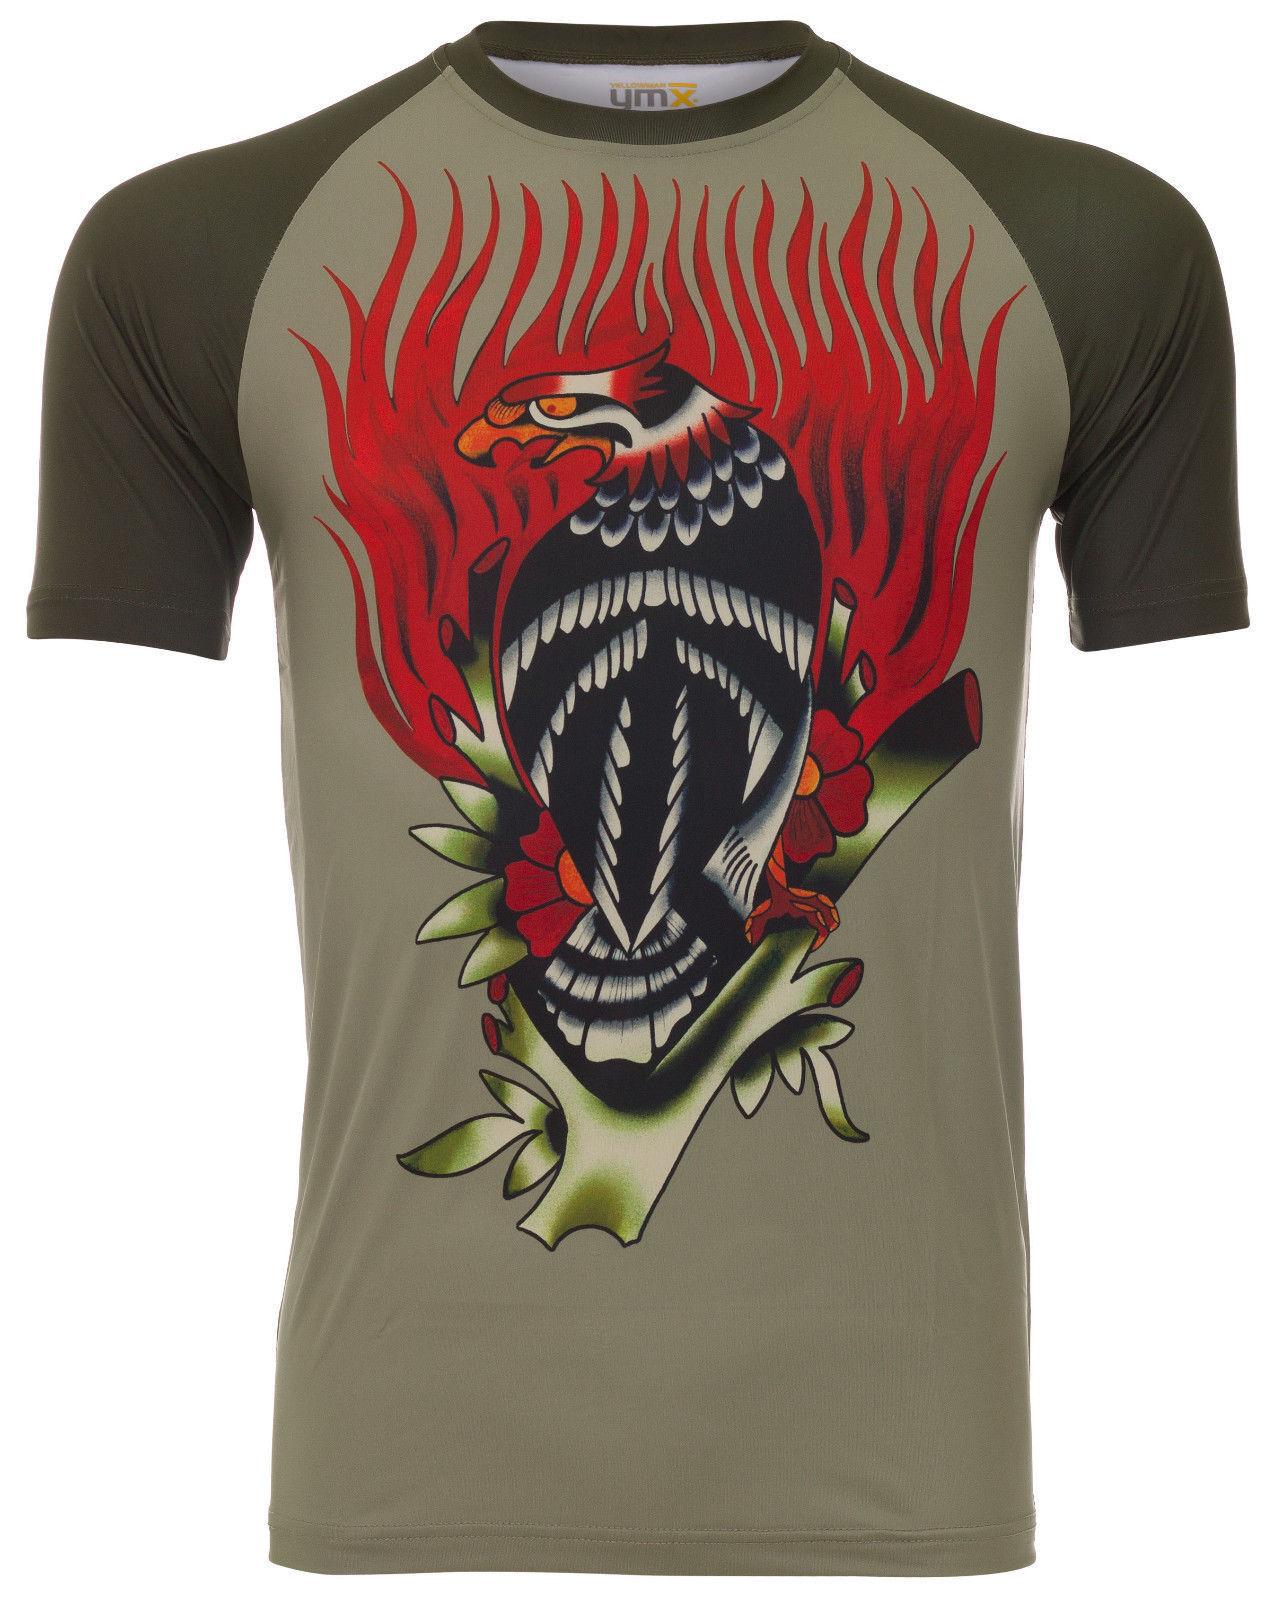 YMX YELLOWMAN Men's Olive Fire Eagle T-shirt XXL XL L MD NWT